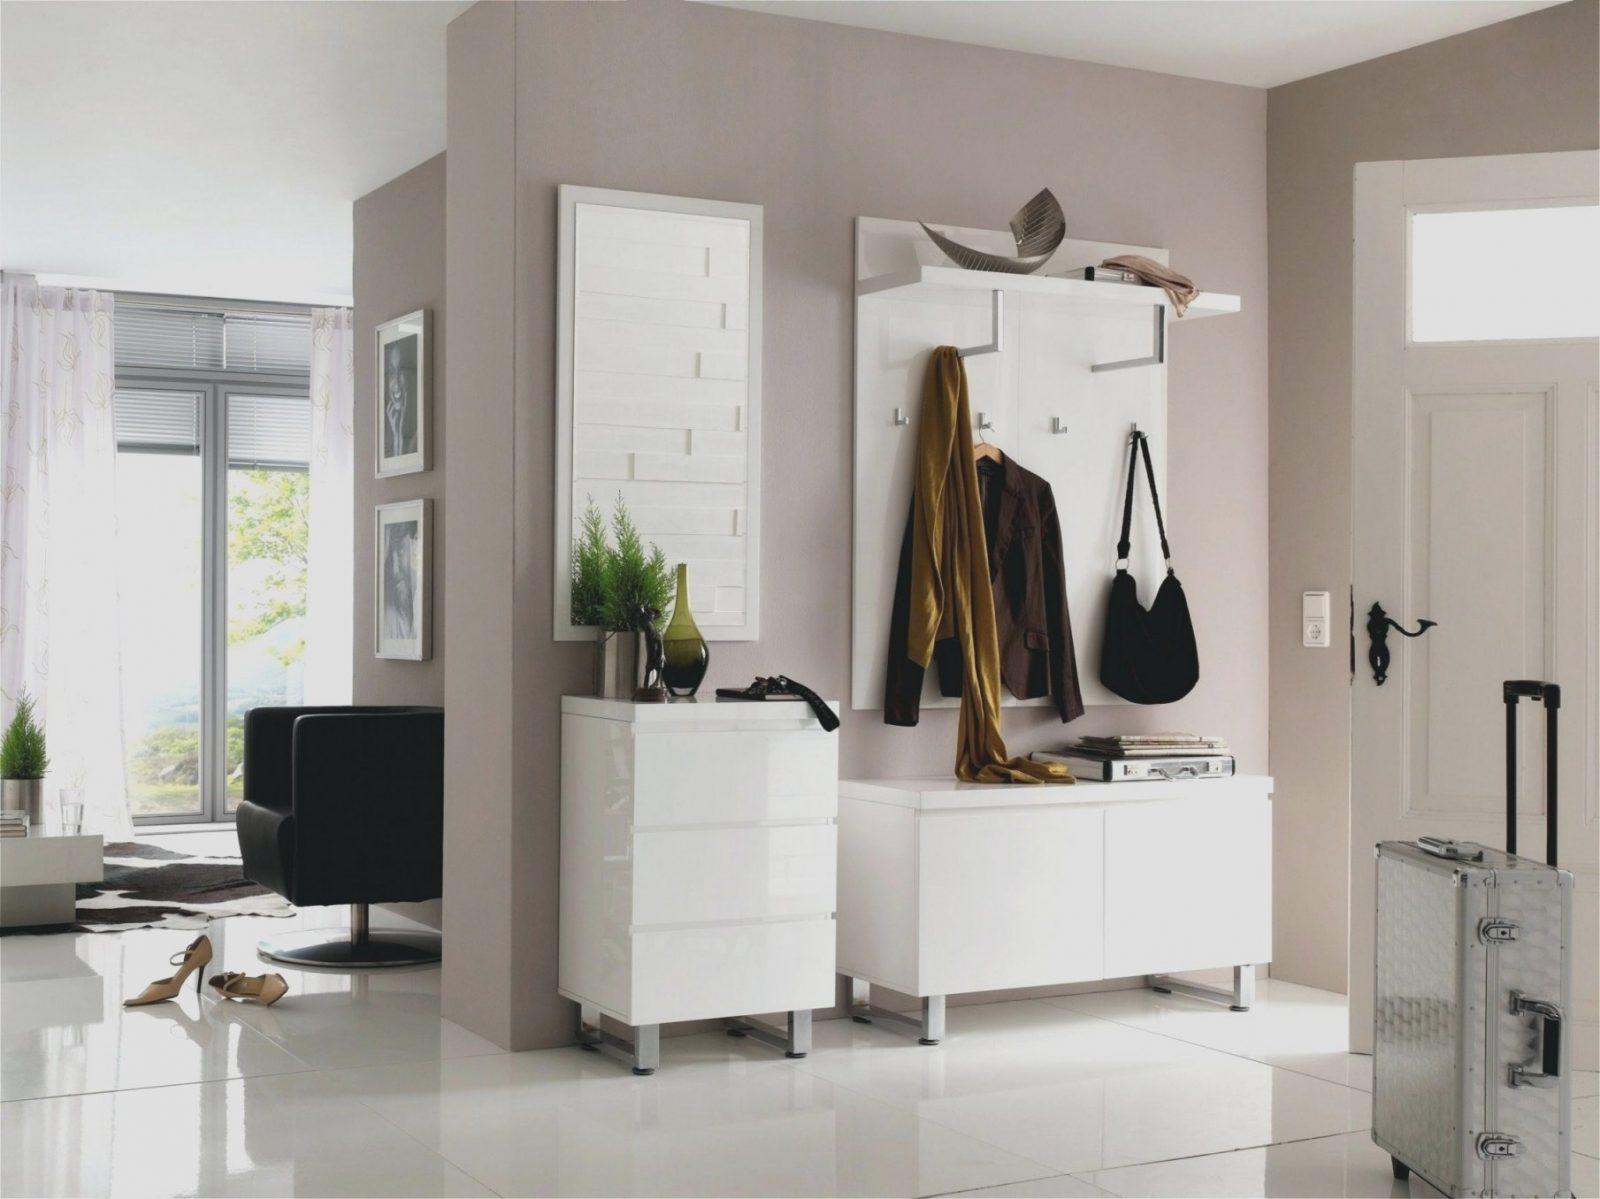 Weiße Möbel Welche Wandfarbe  Dekorieren Bei Das Haus von Wandfarbe Zu Weißen Möbeln Photo